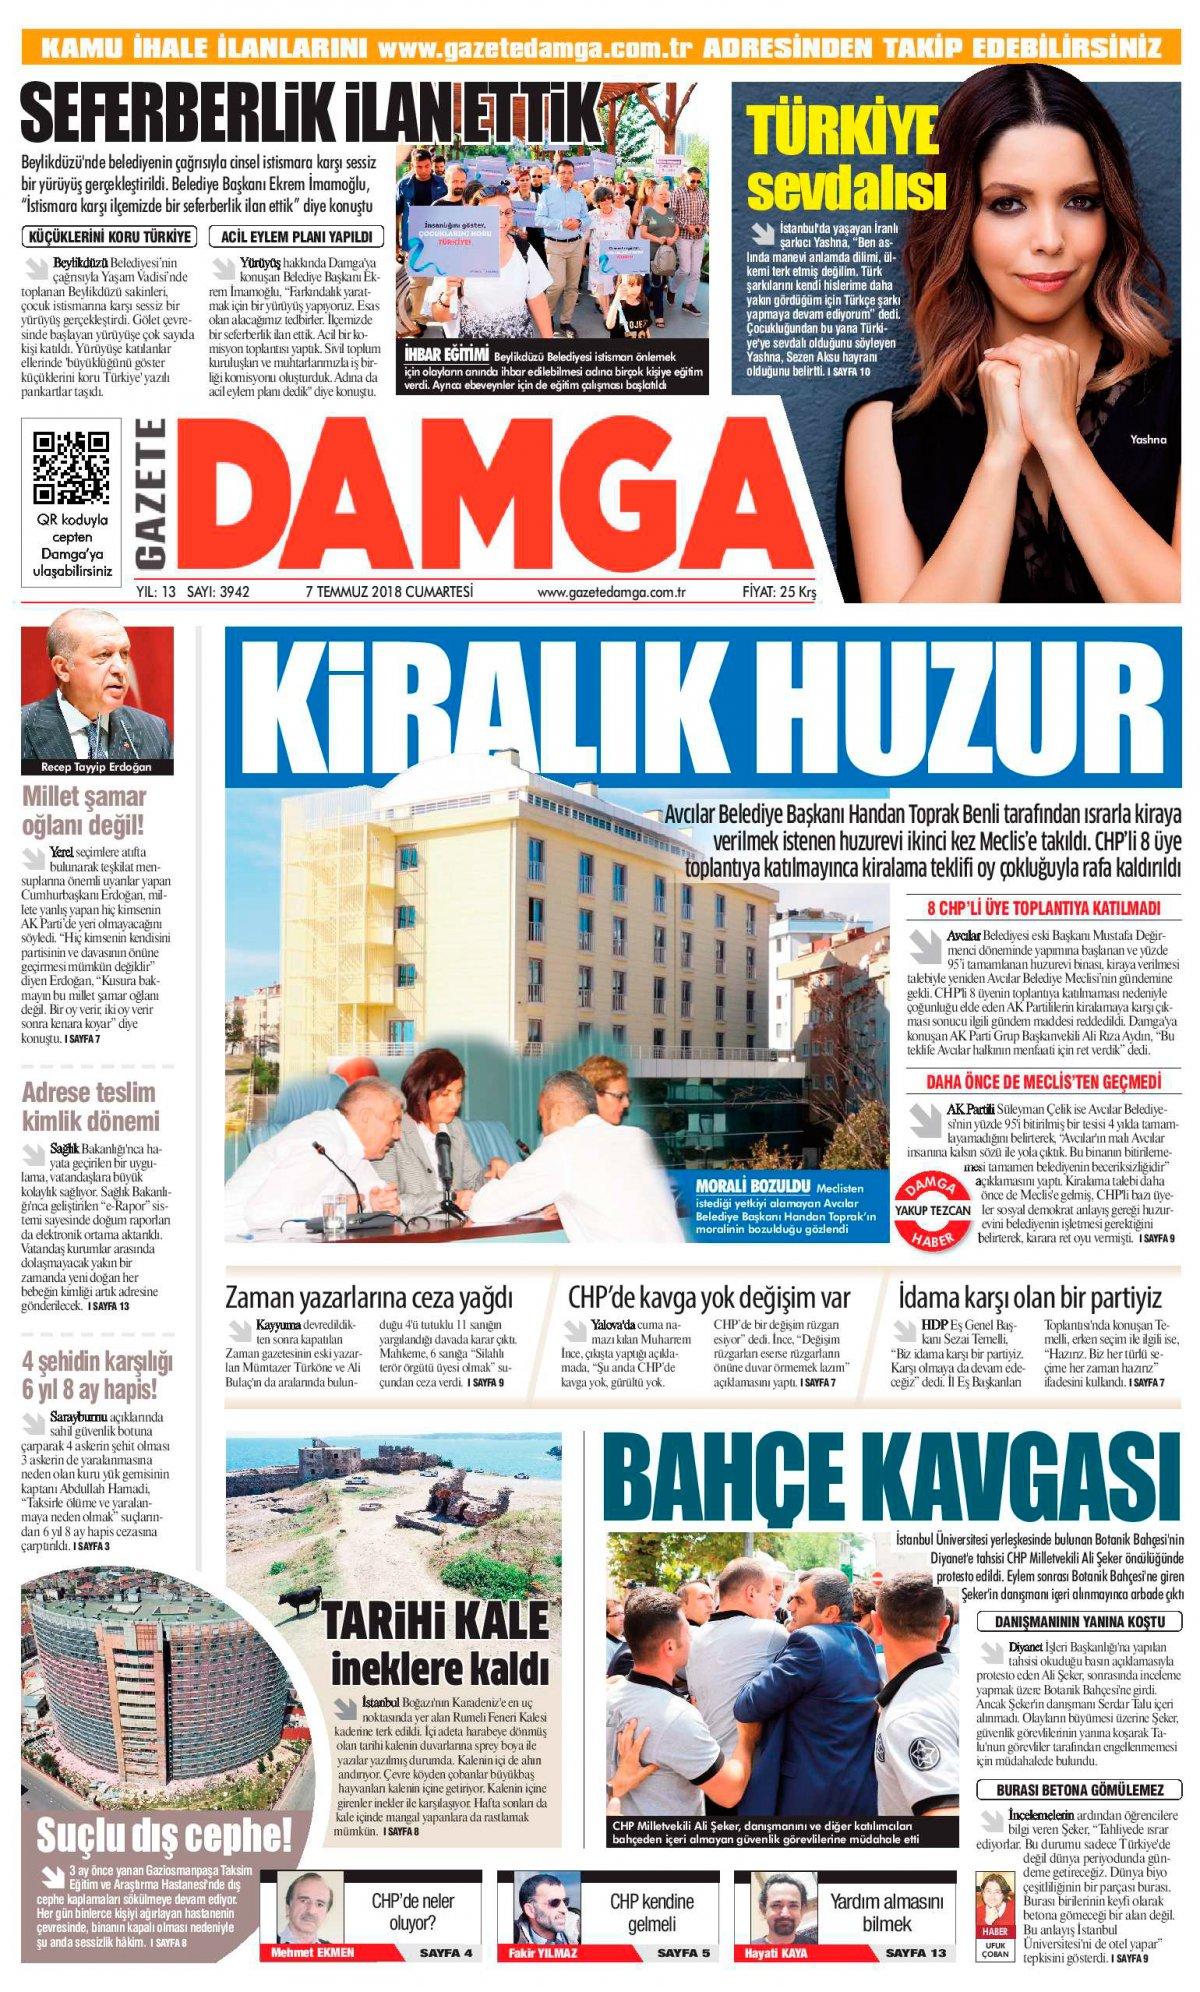 Gazete Damga - 07.07.2018 Manşeti